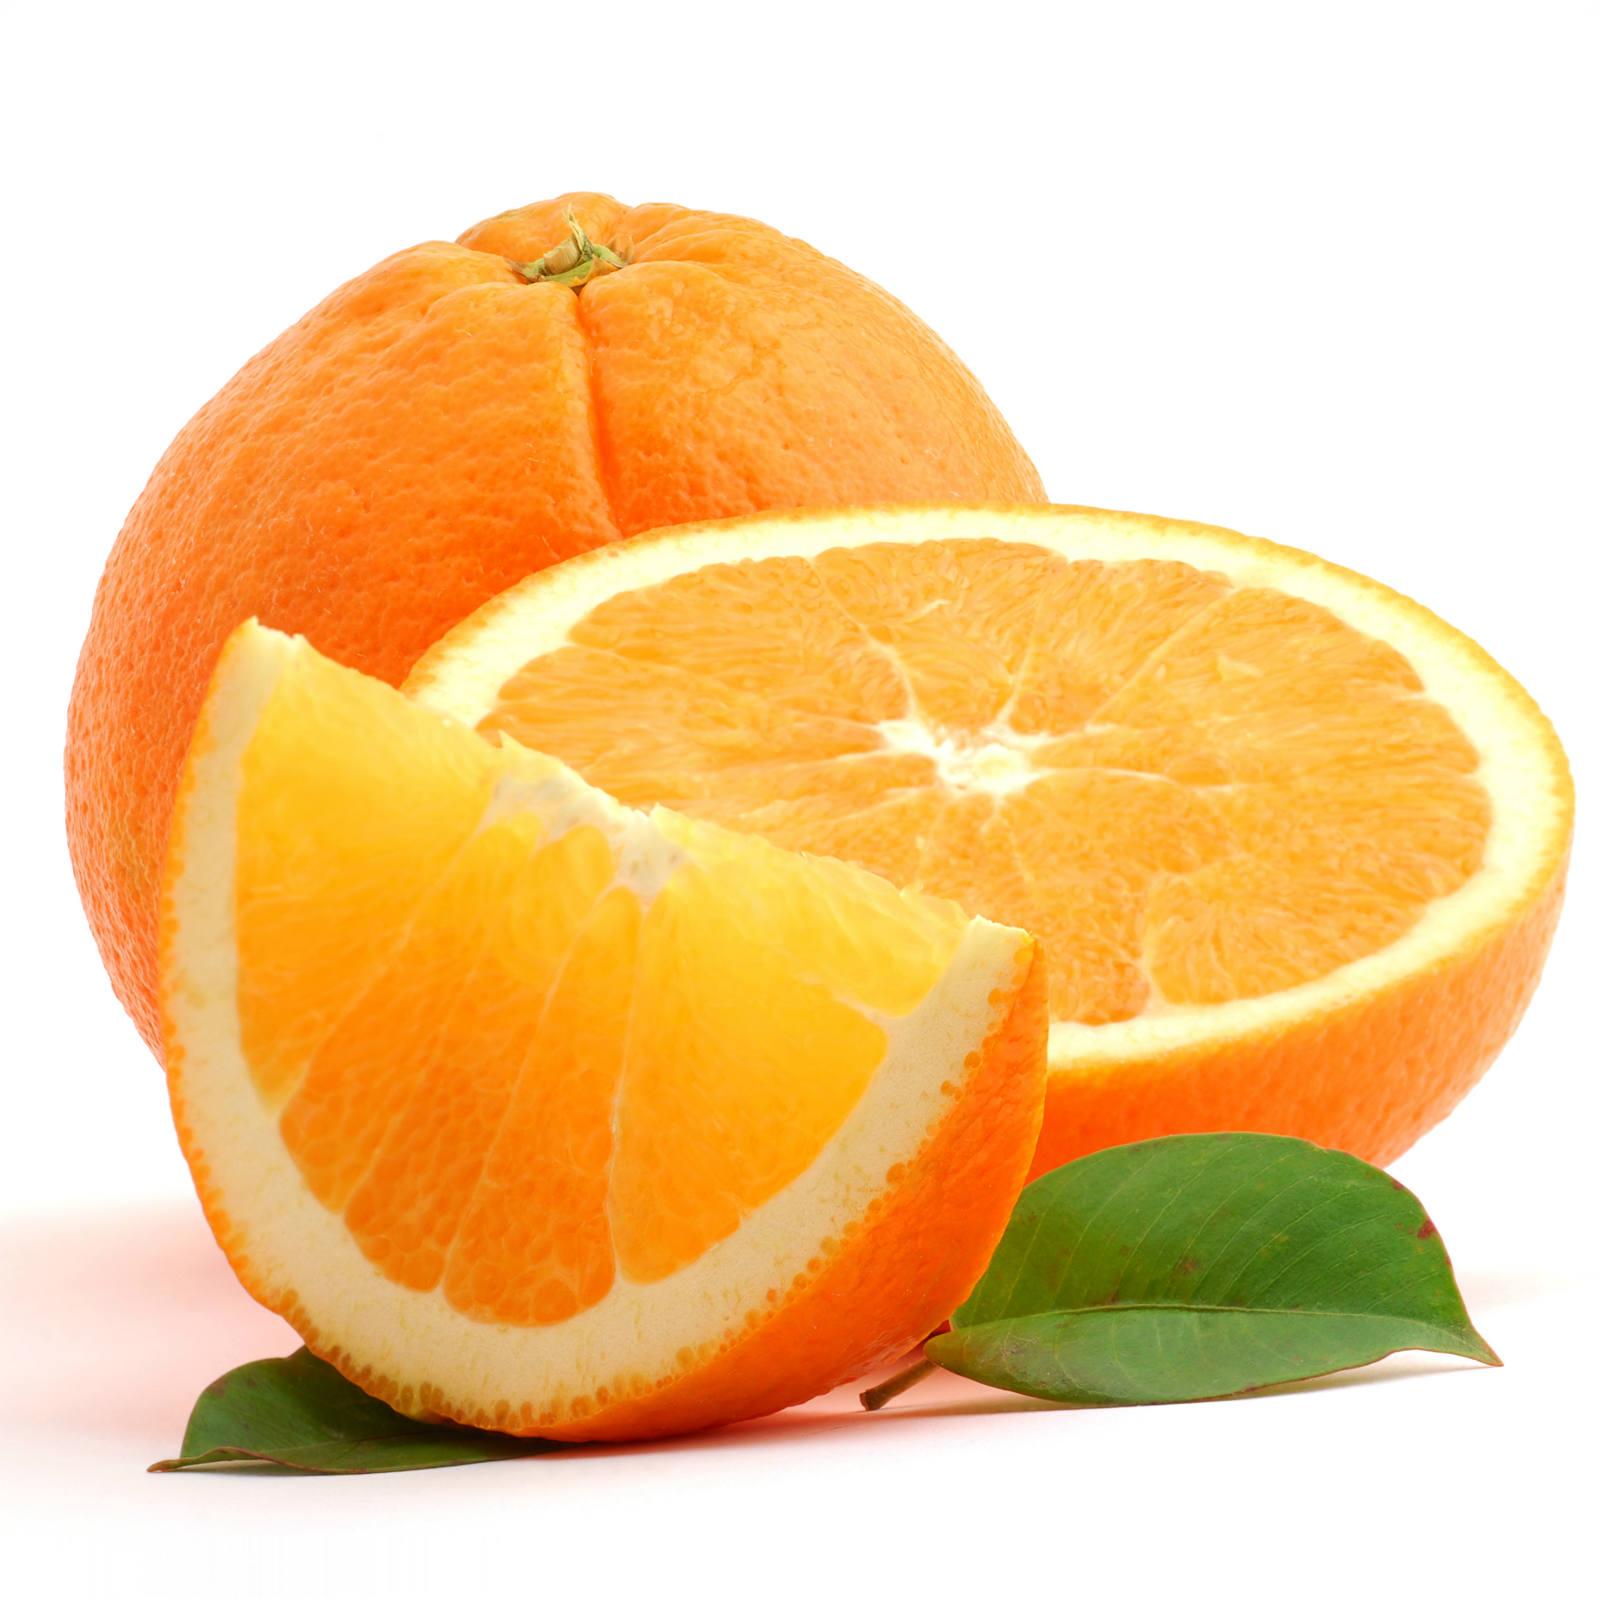 Arance navel prezzo al kg arance trinacria for Prezzo ferro al kg oggi